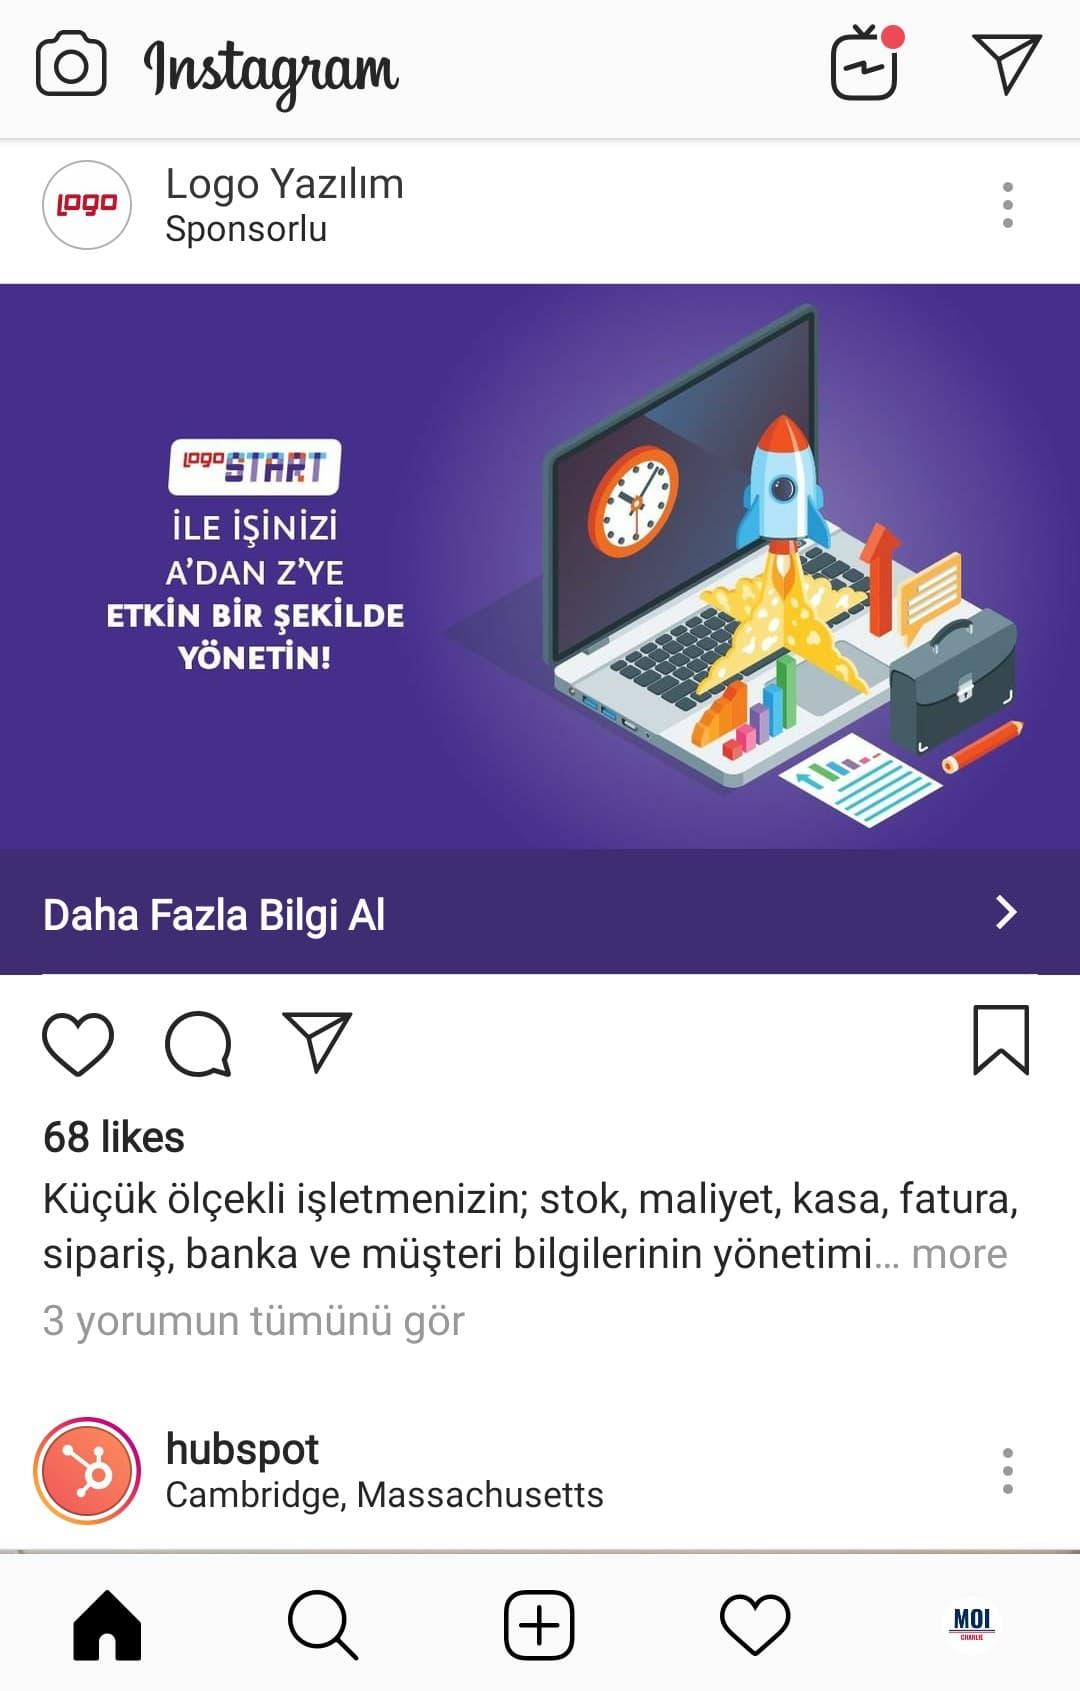 instagram gönderi tanıtımı örneği